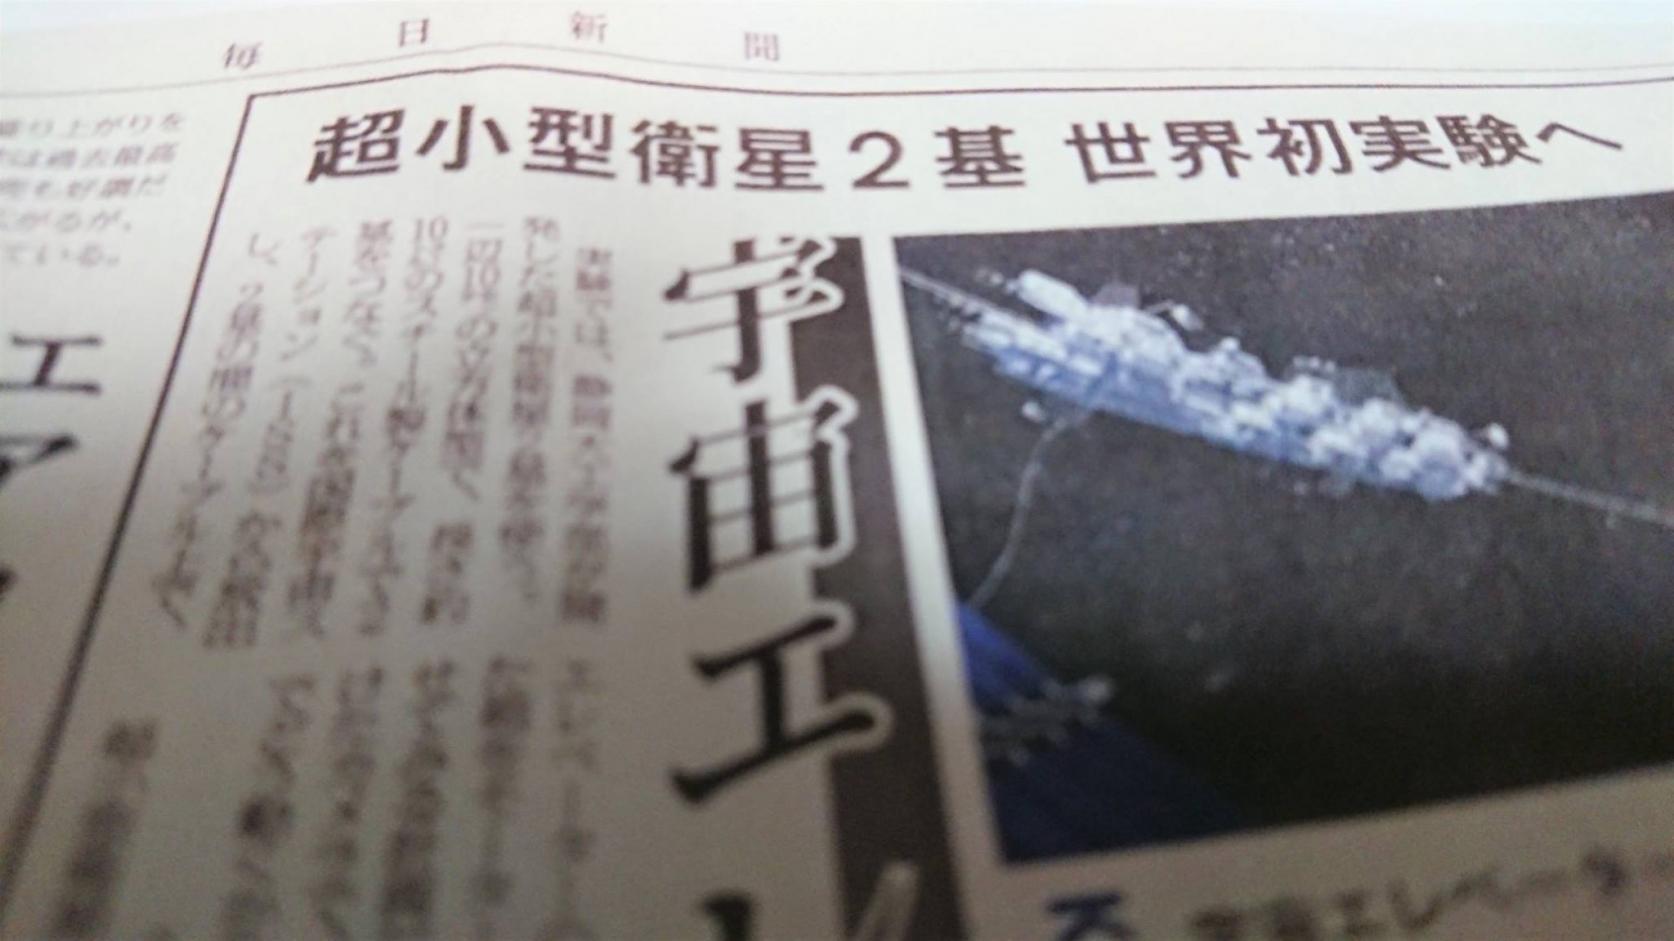 8月23日の毎日新聞の宇宙エレベーターの記事に、精密機械工学科の青木義男教授のコメントが掲載されました。